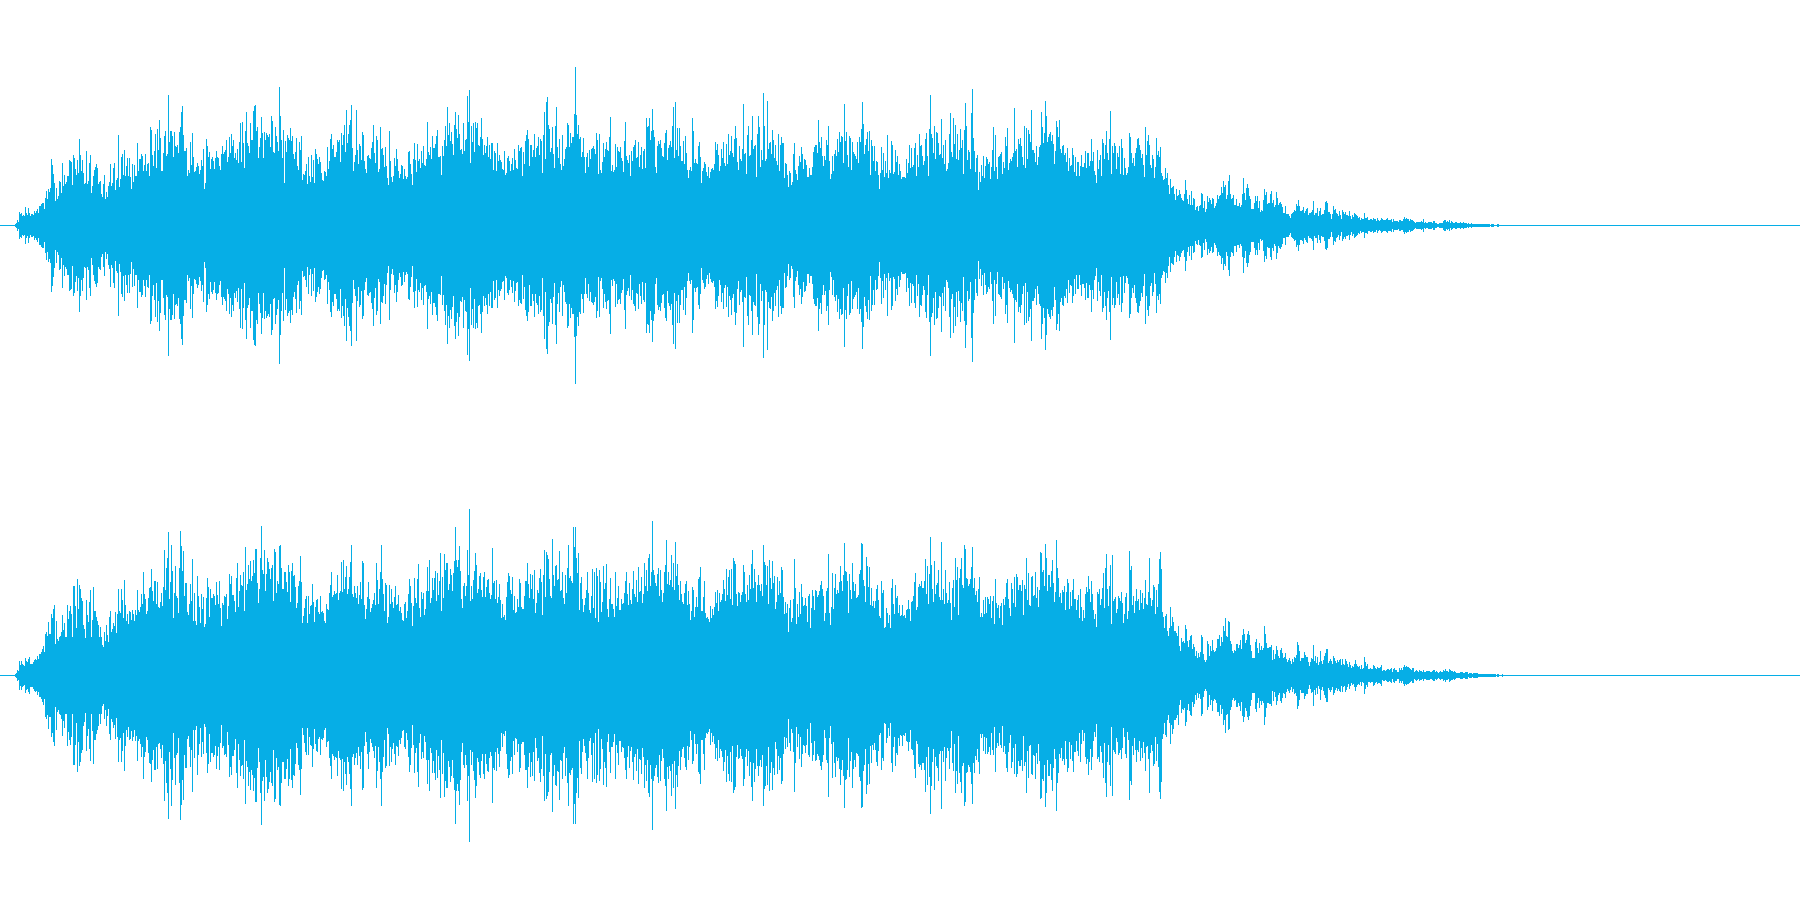 [生録音]ミキサーで混ぜる01-ショートの再生済みの波形